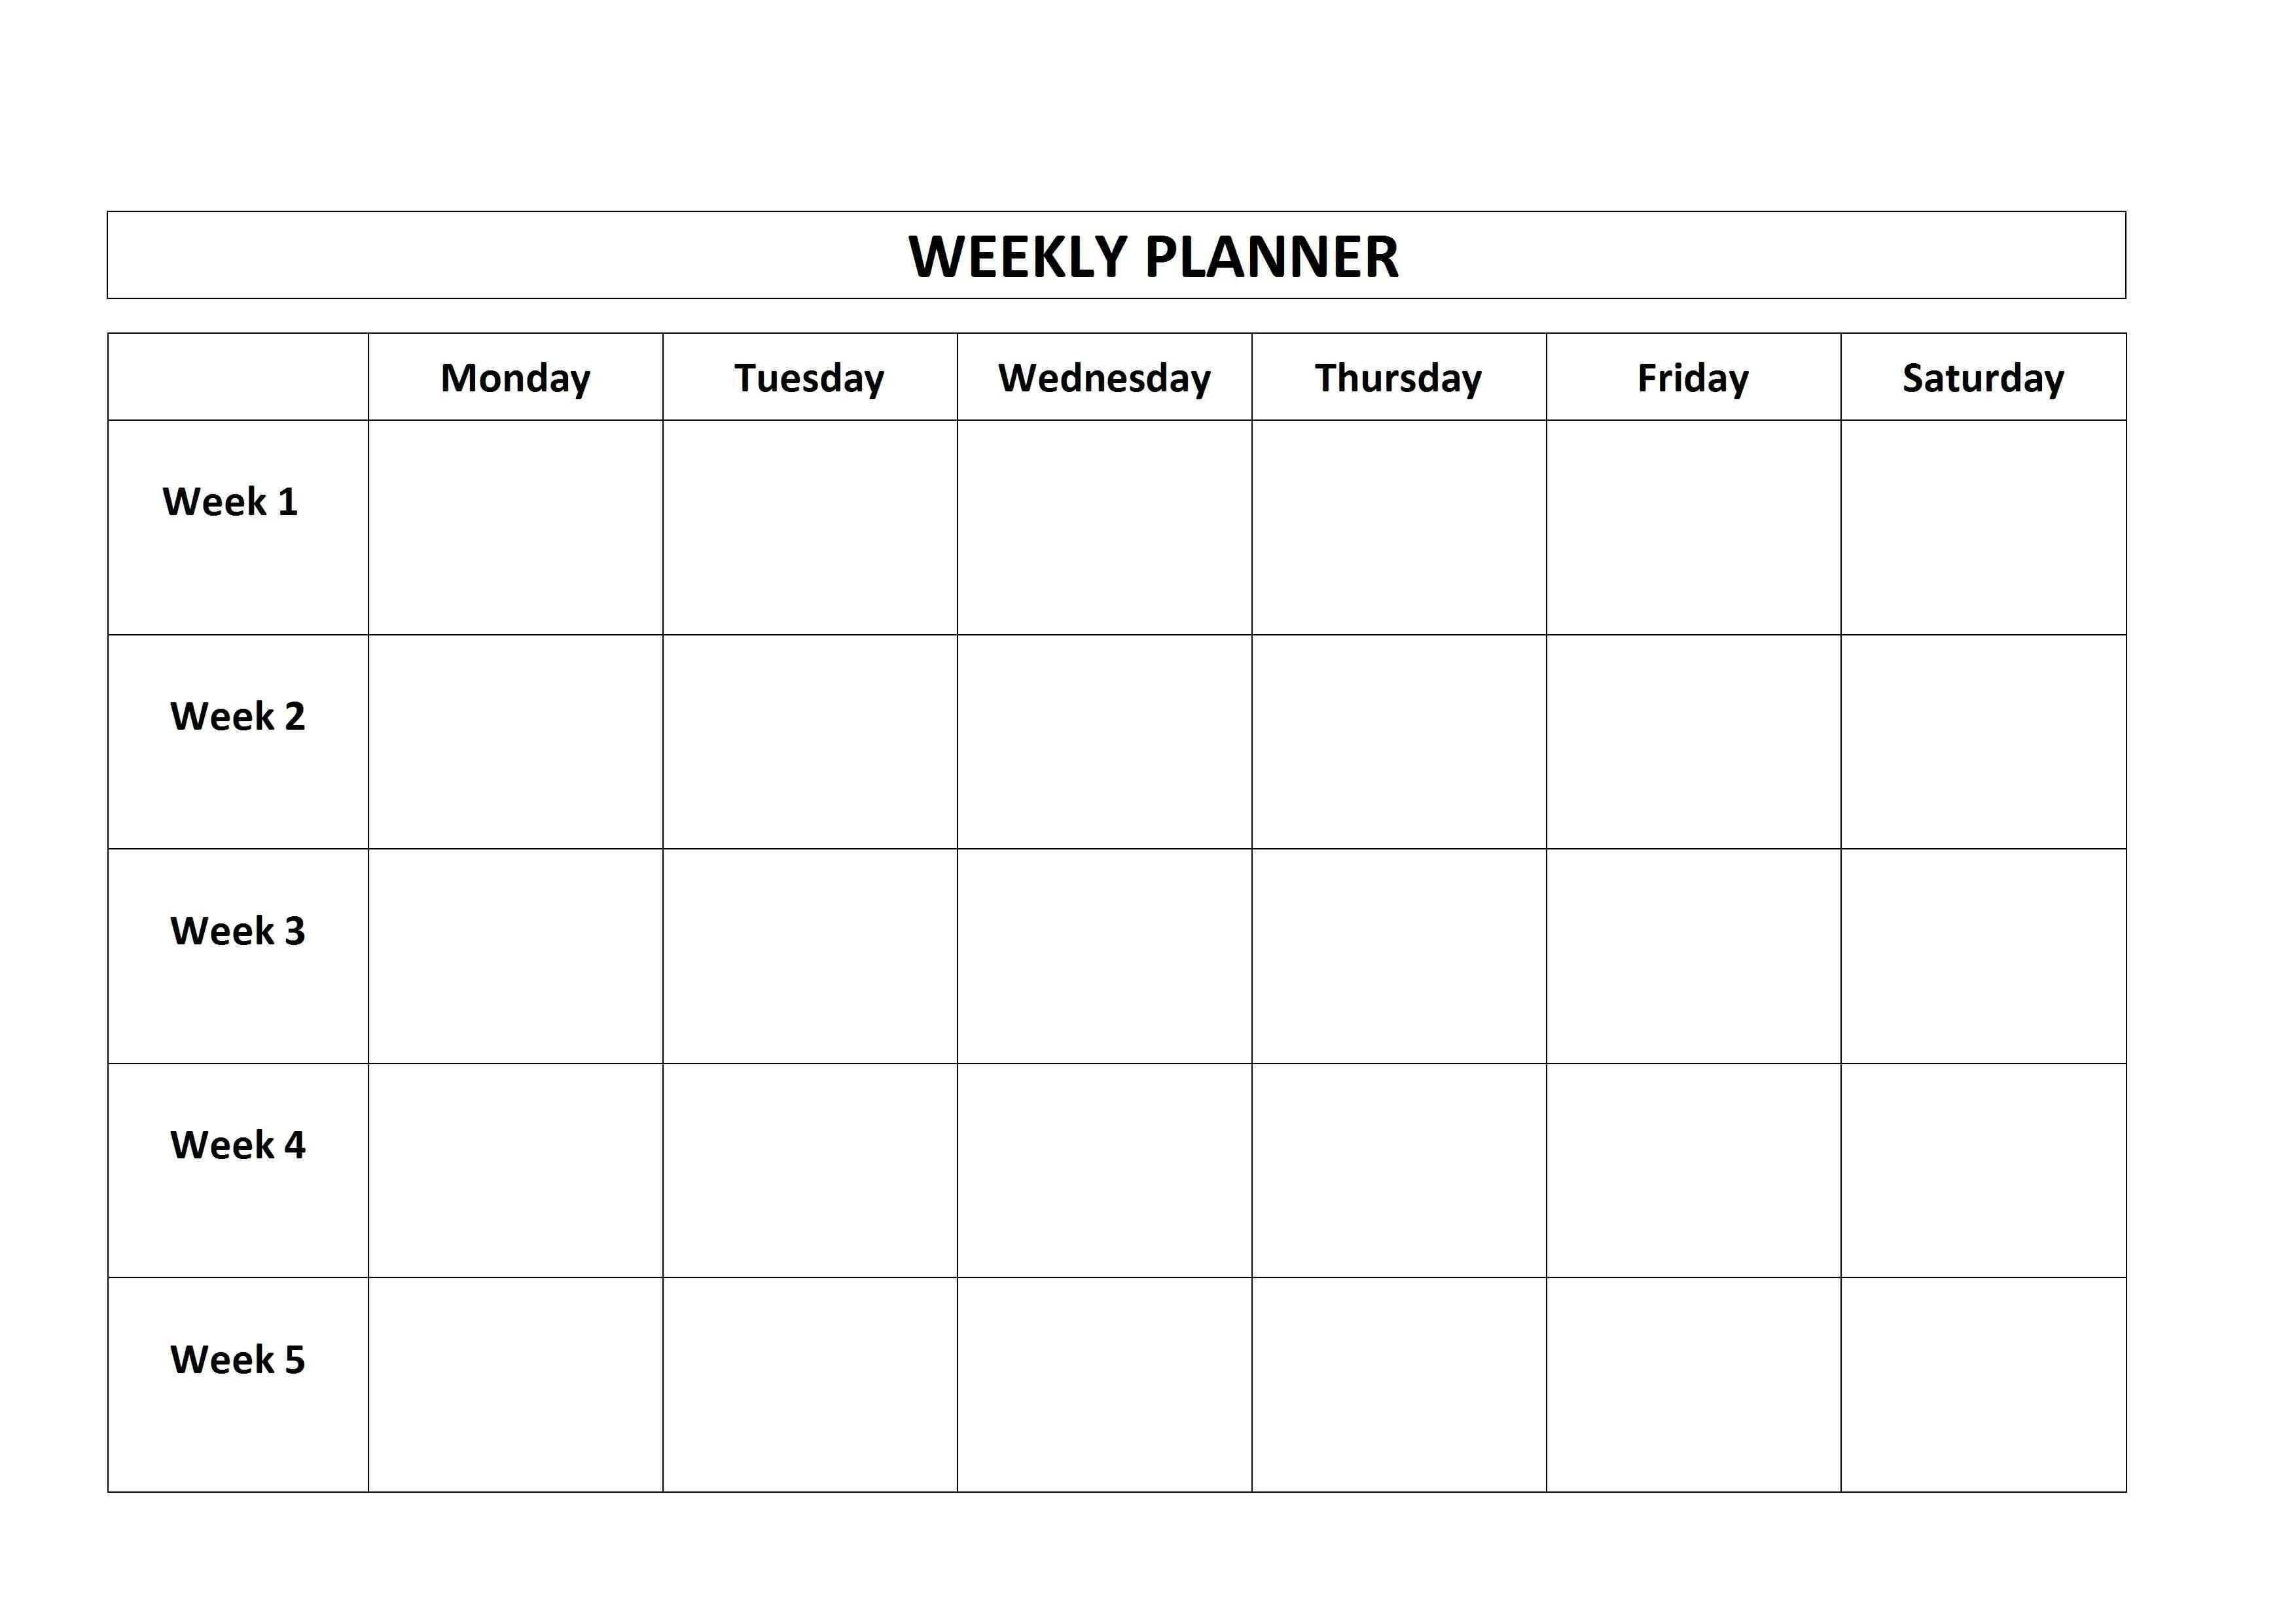 6 Week Blank Calendar Template – Get Your Calendar Printable inside Blank 6 Week Calendar Template